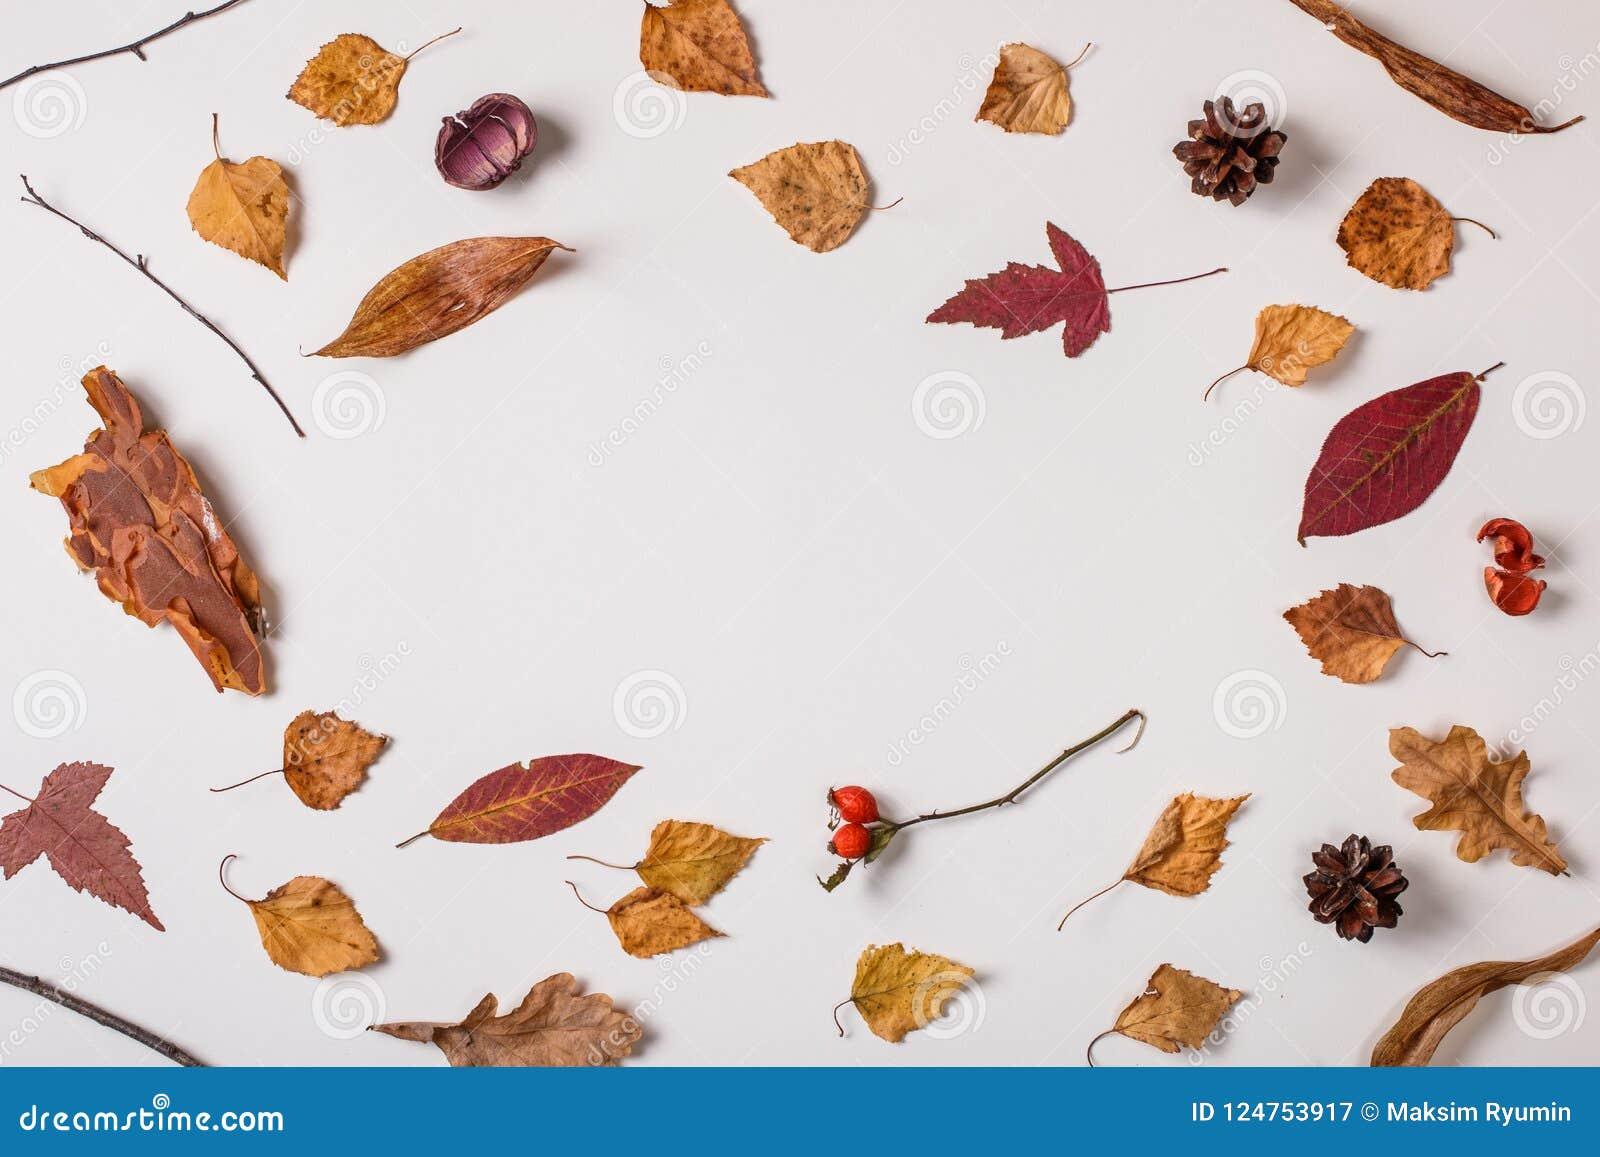 килограмм открытки с опавшими листьями сделать колор базовый, подходит